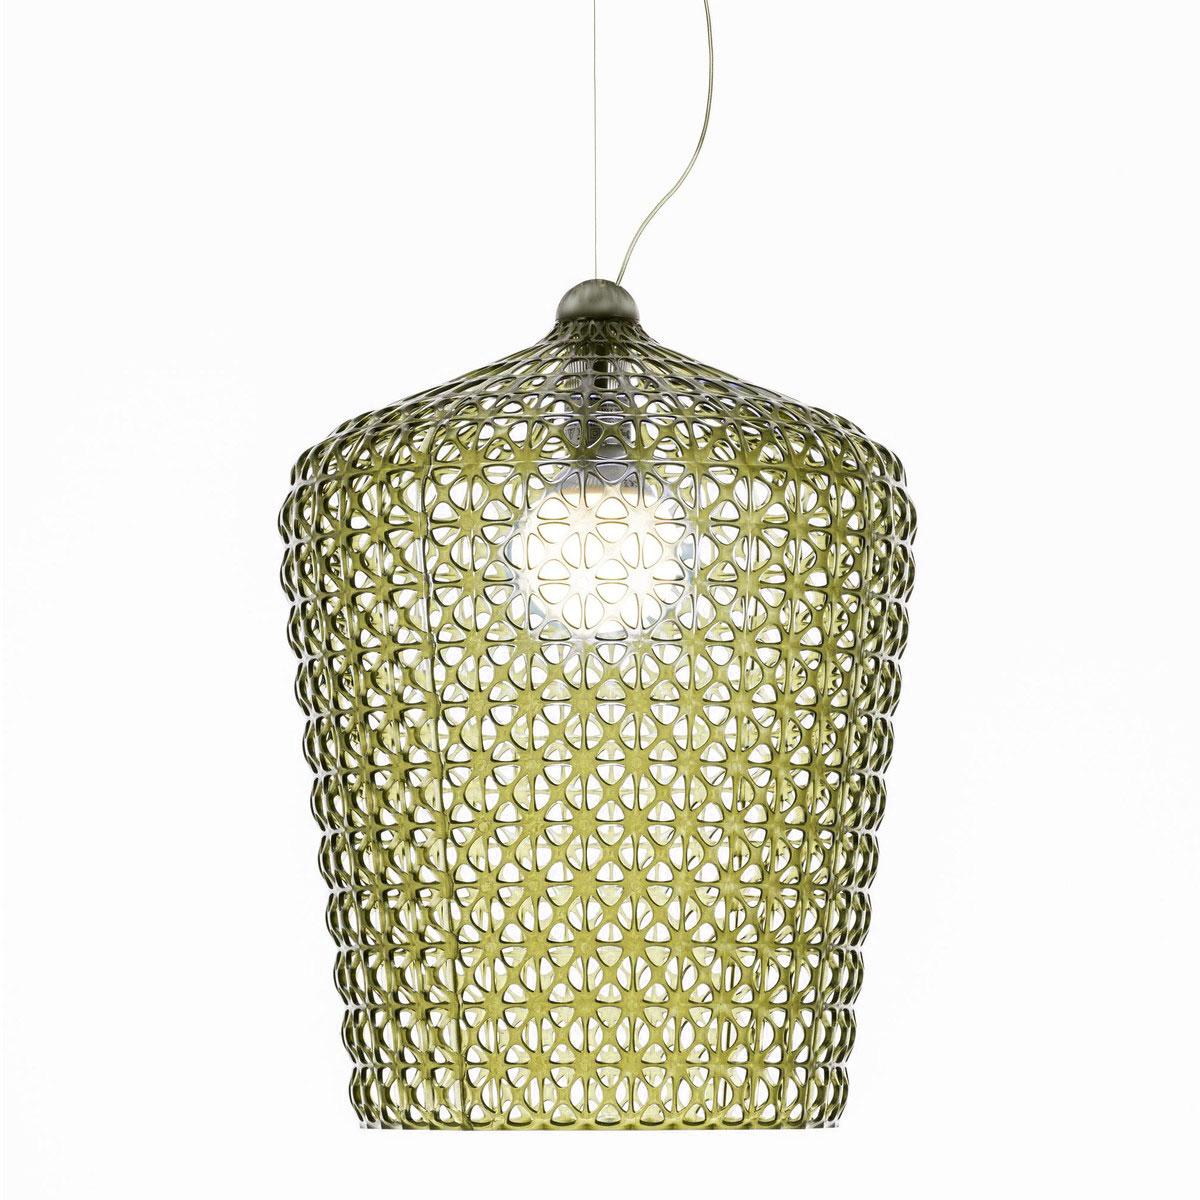 ferruccio laviani lighting. Light By Ferruccio Laviani. Nextprev Laviani Lighting R